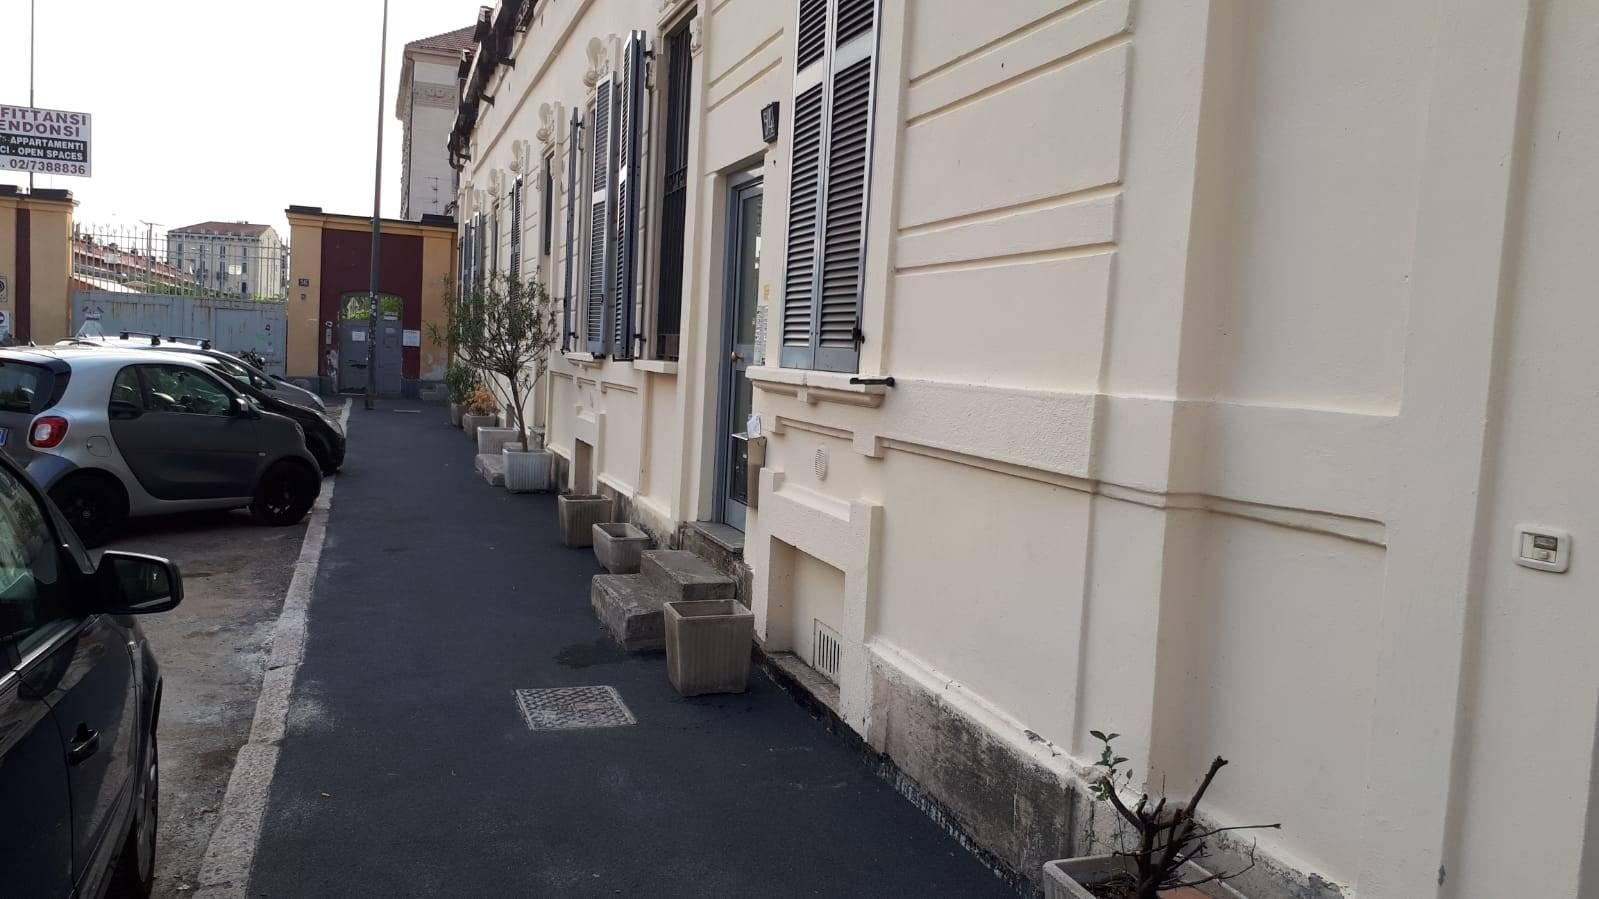 appartamento-in-vendita-milano-zona-ortica-loft-spaziourbano-immobioiare-vende-15